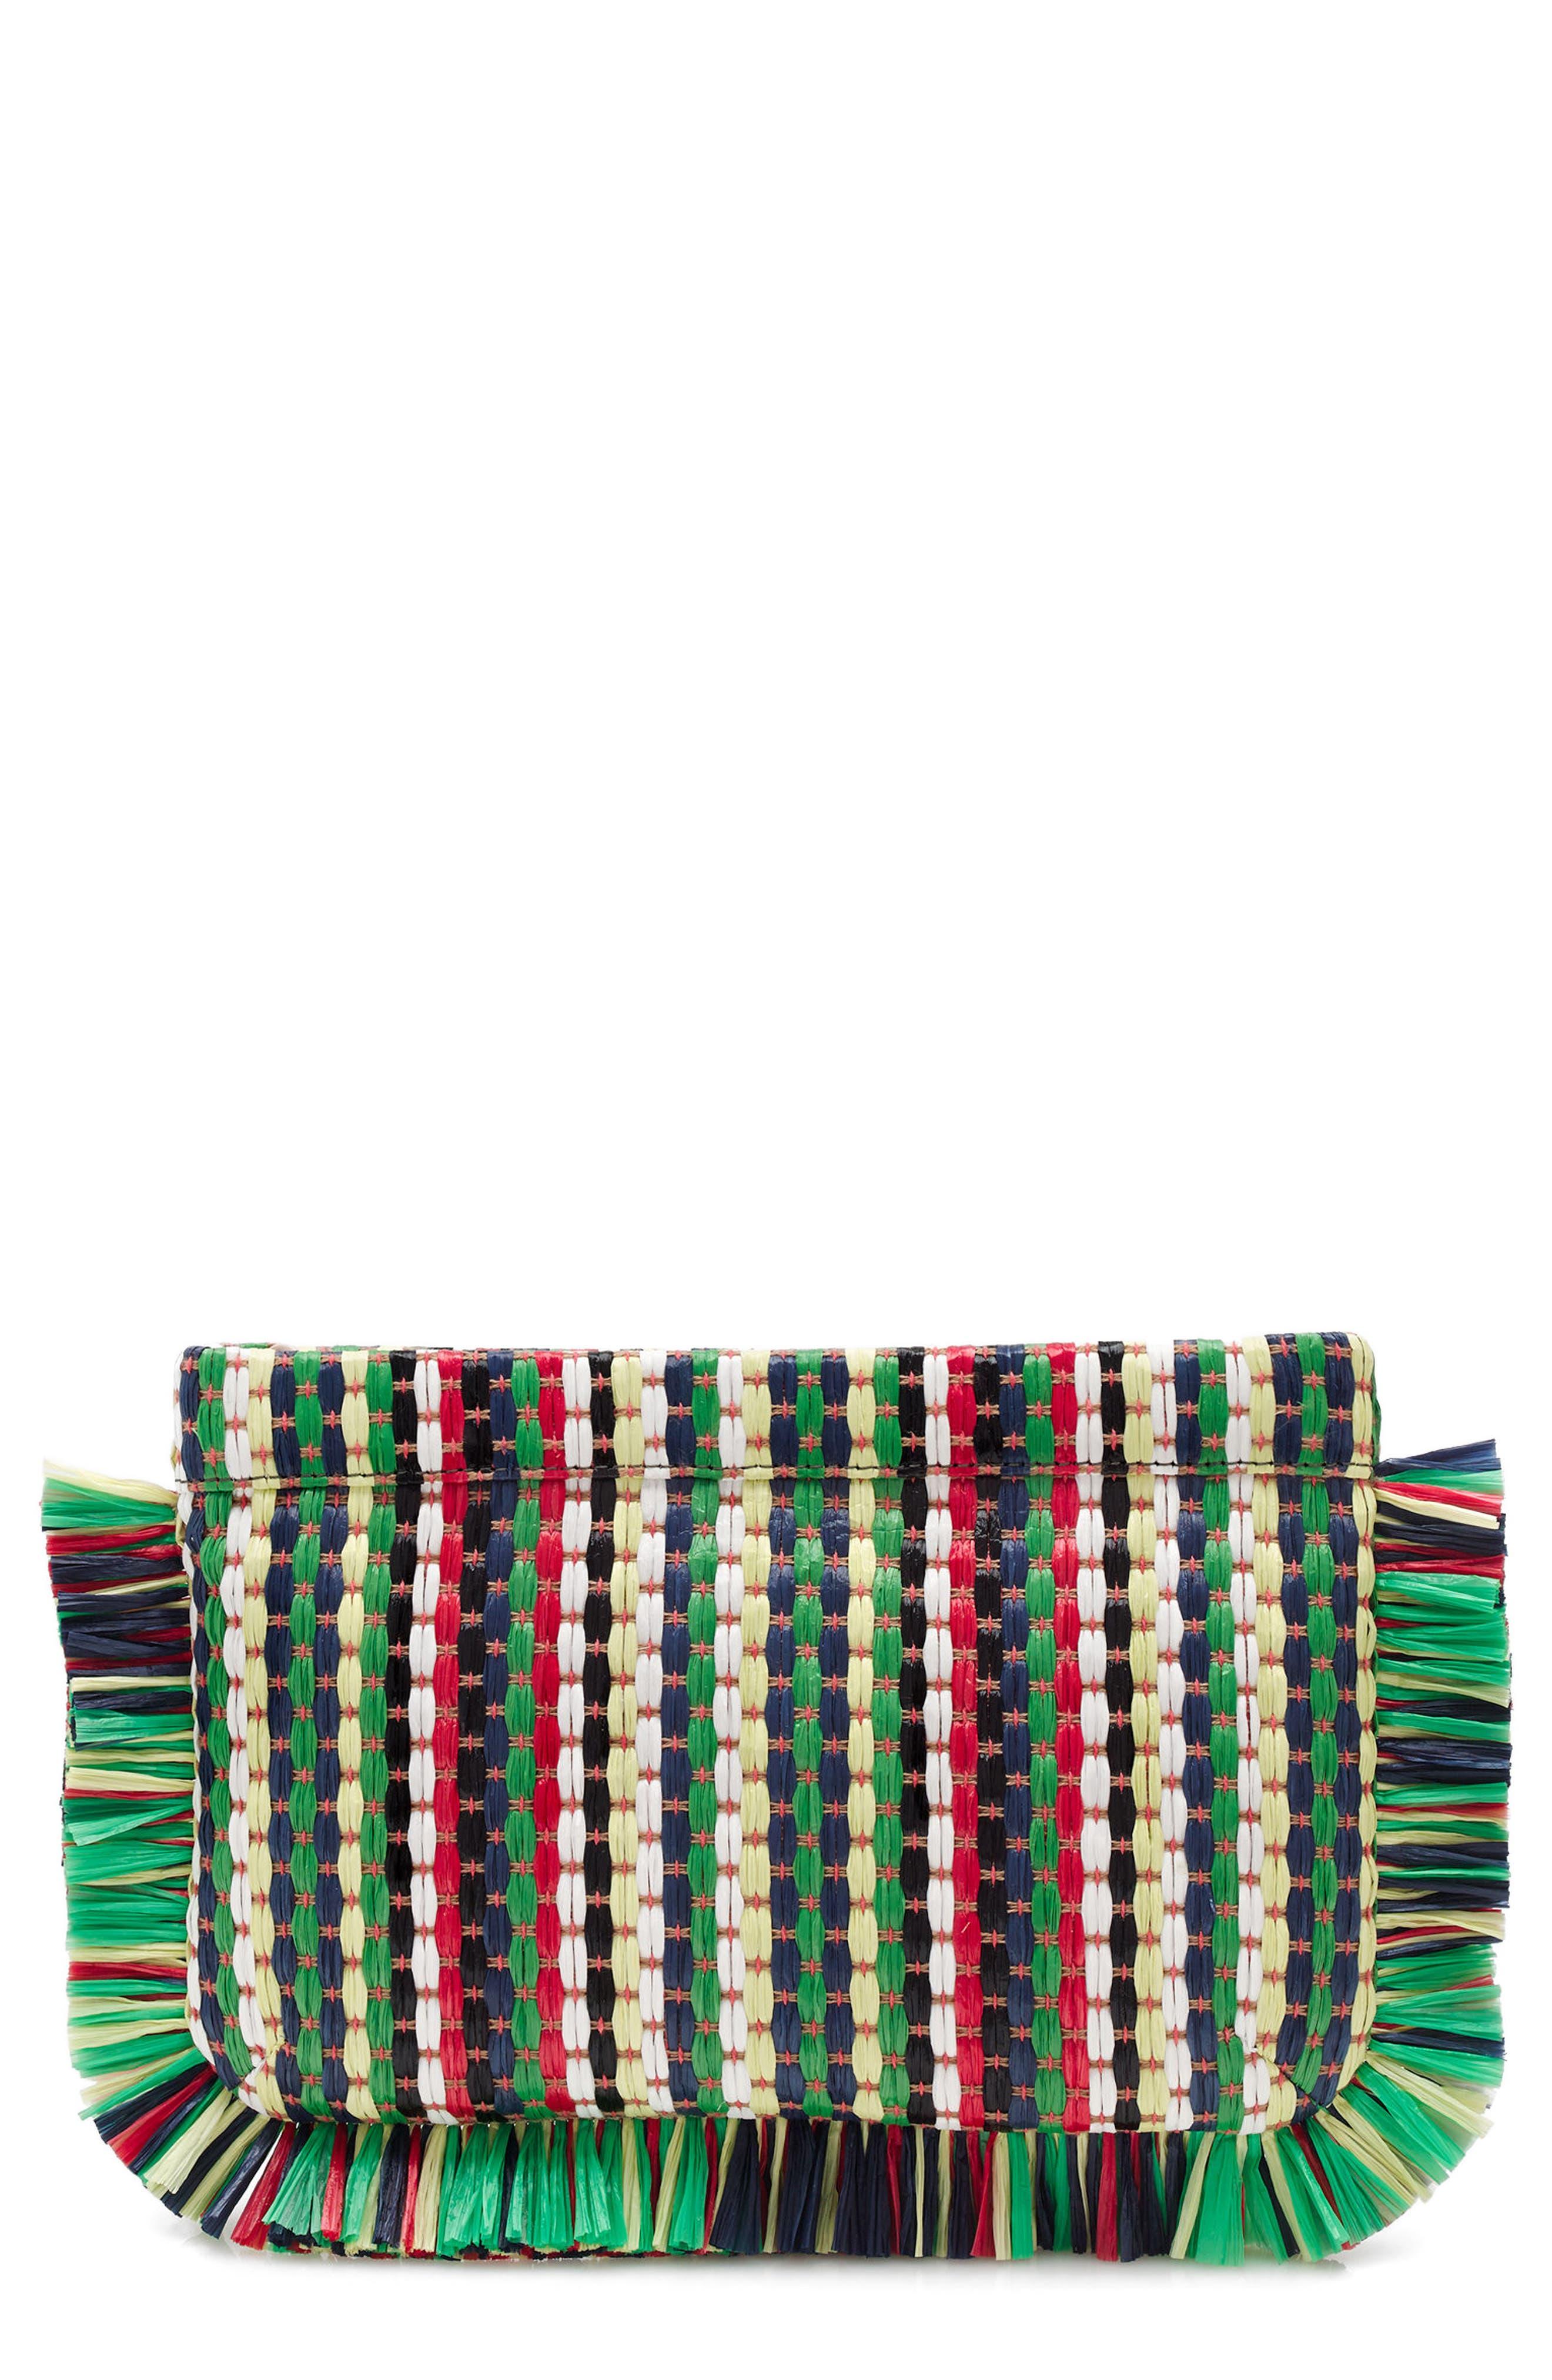 J.Crew Stripe Straw Clutch Bag